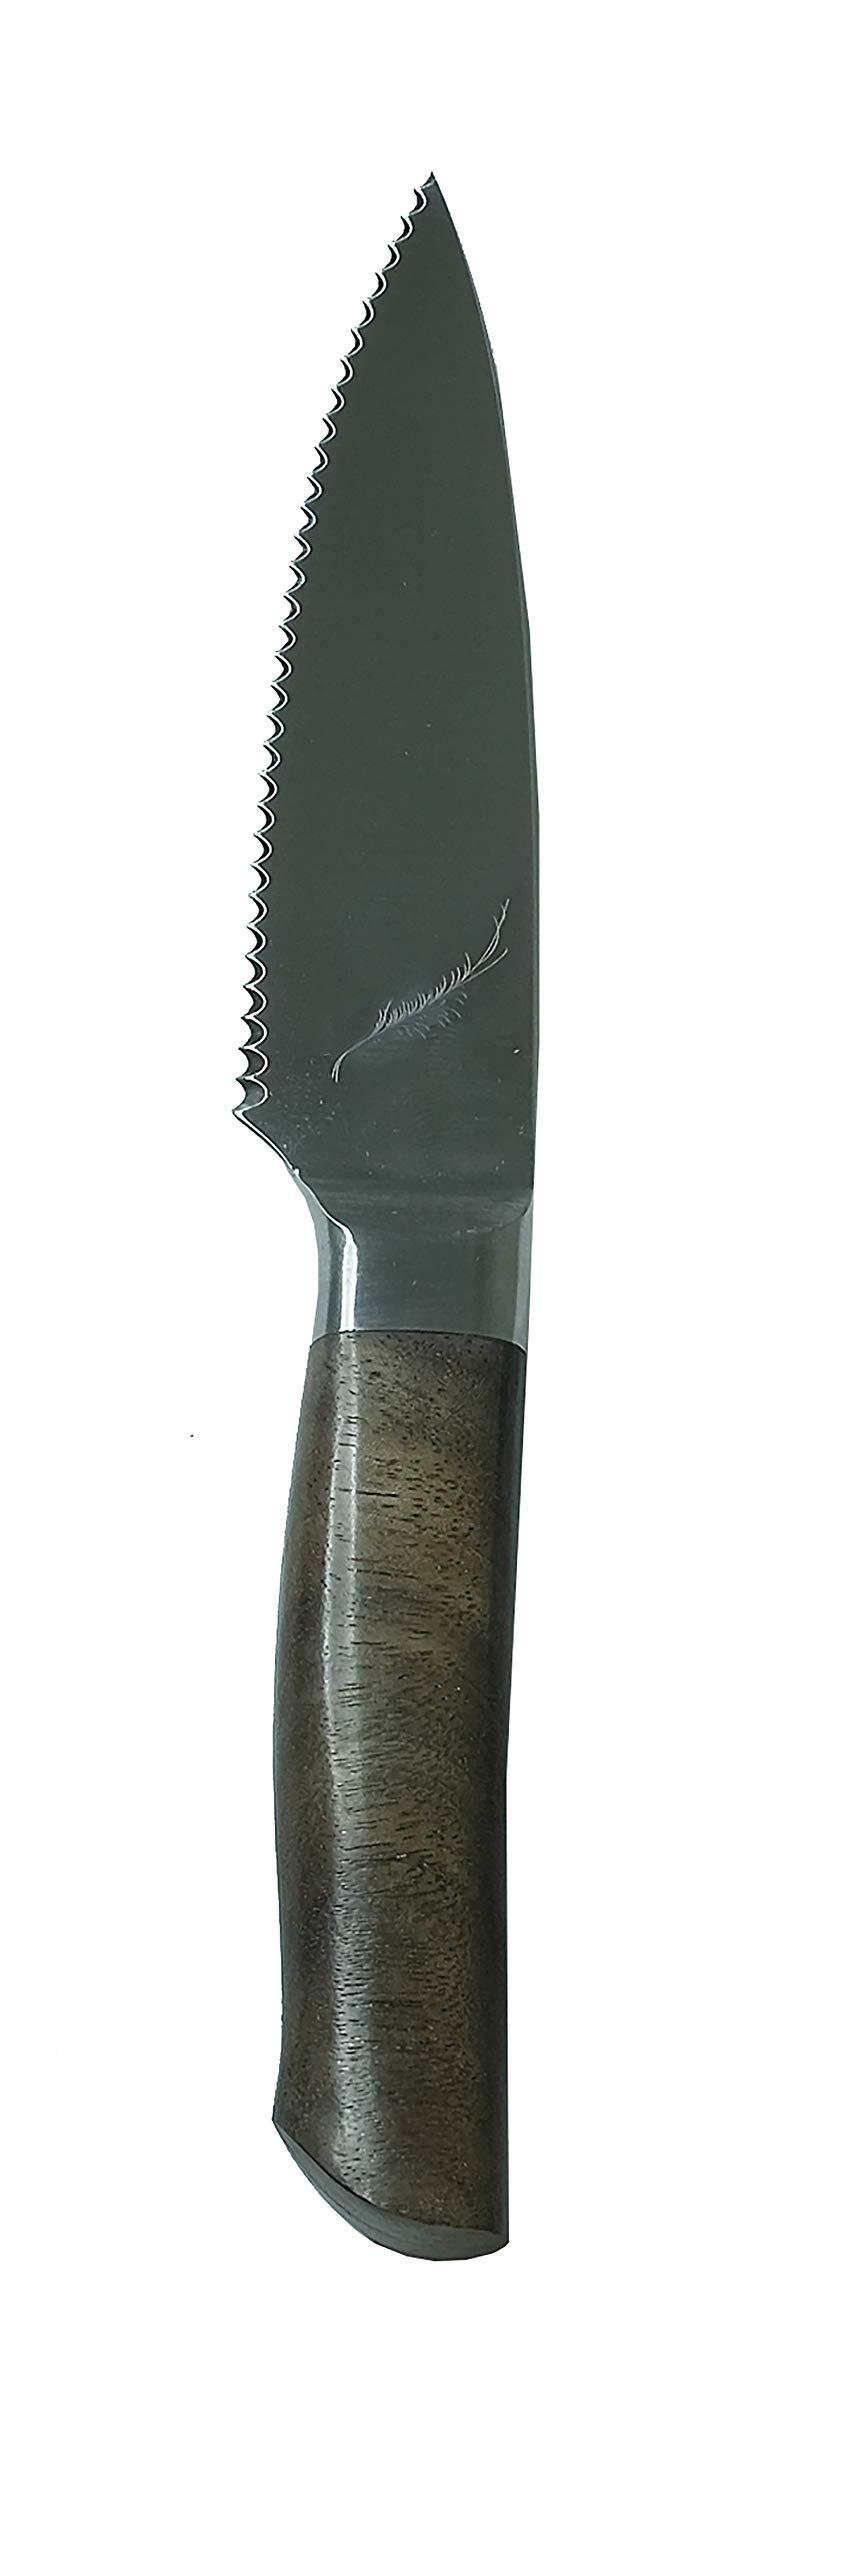 Ferrum RSRV-TMTO-0400 Reserve Single Bolster Tomato Knife, 4-Inch Black Walnut by Ferrum